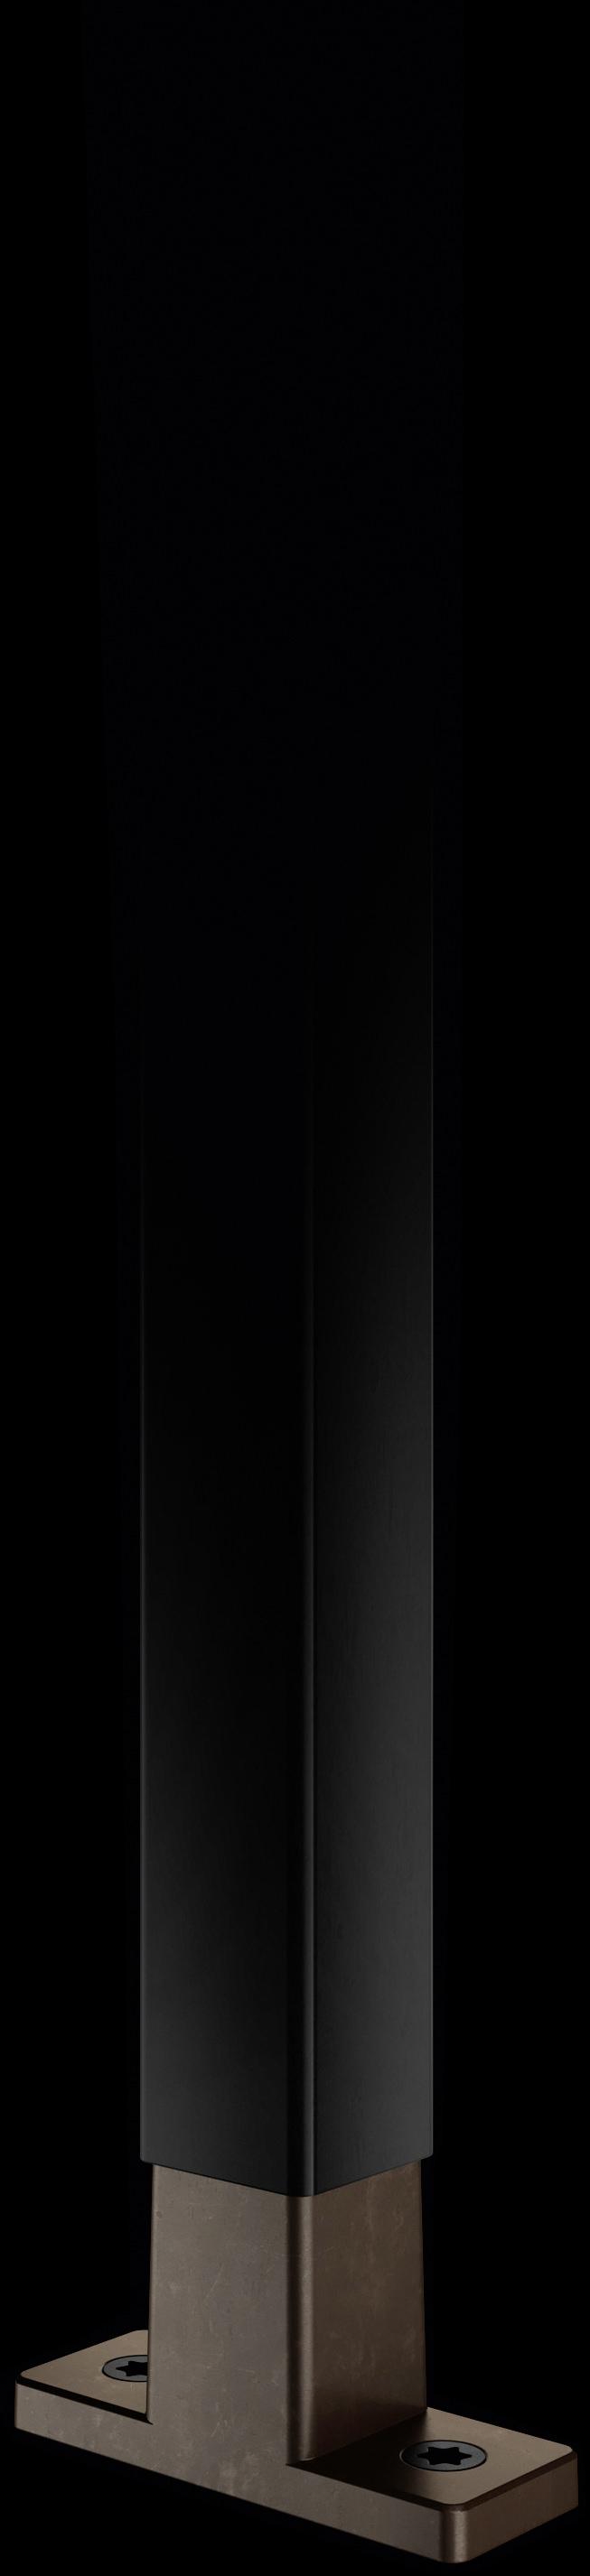 Schwarze Strebe mit T-Konnektor aus Kupfer